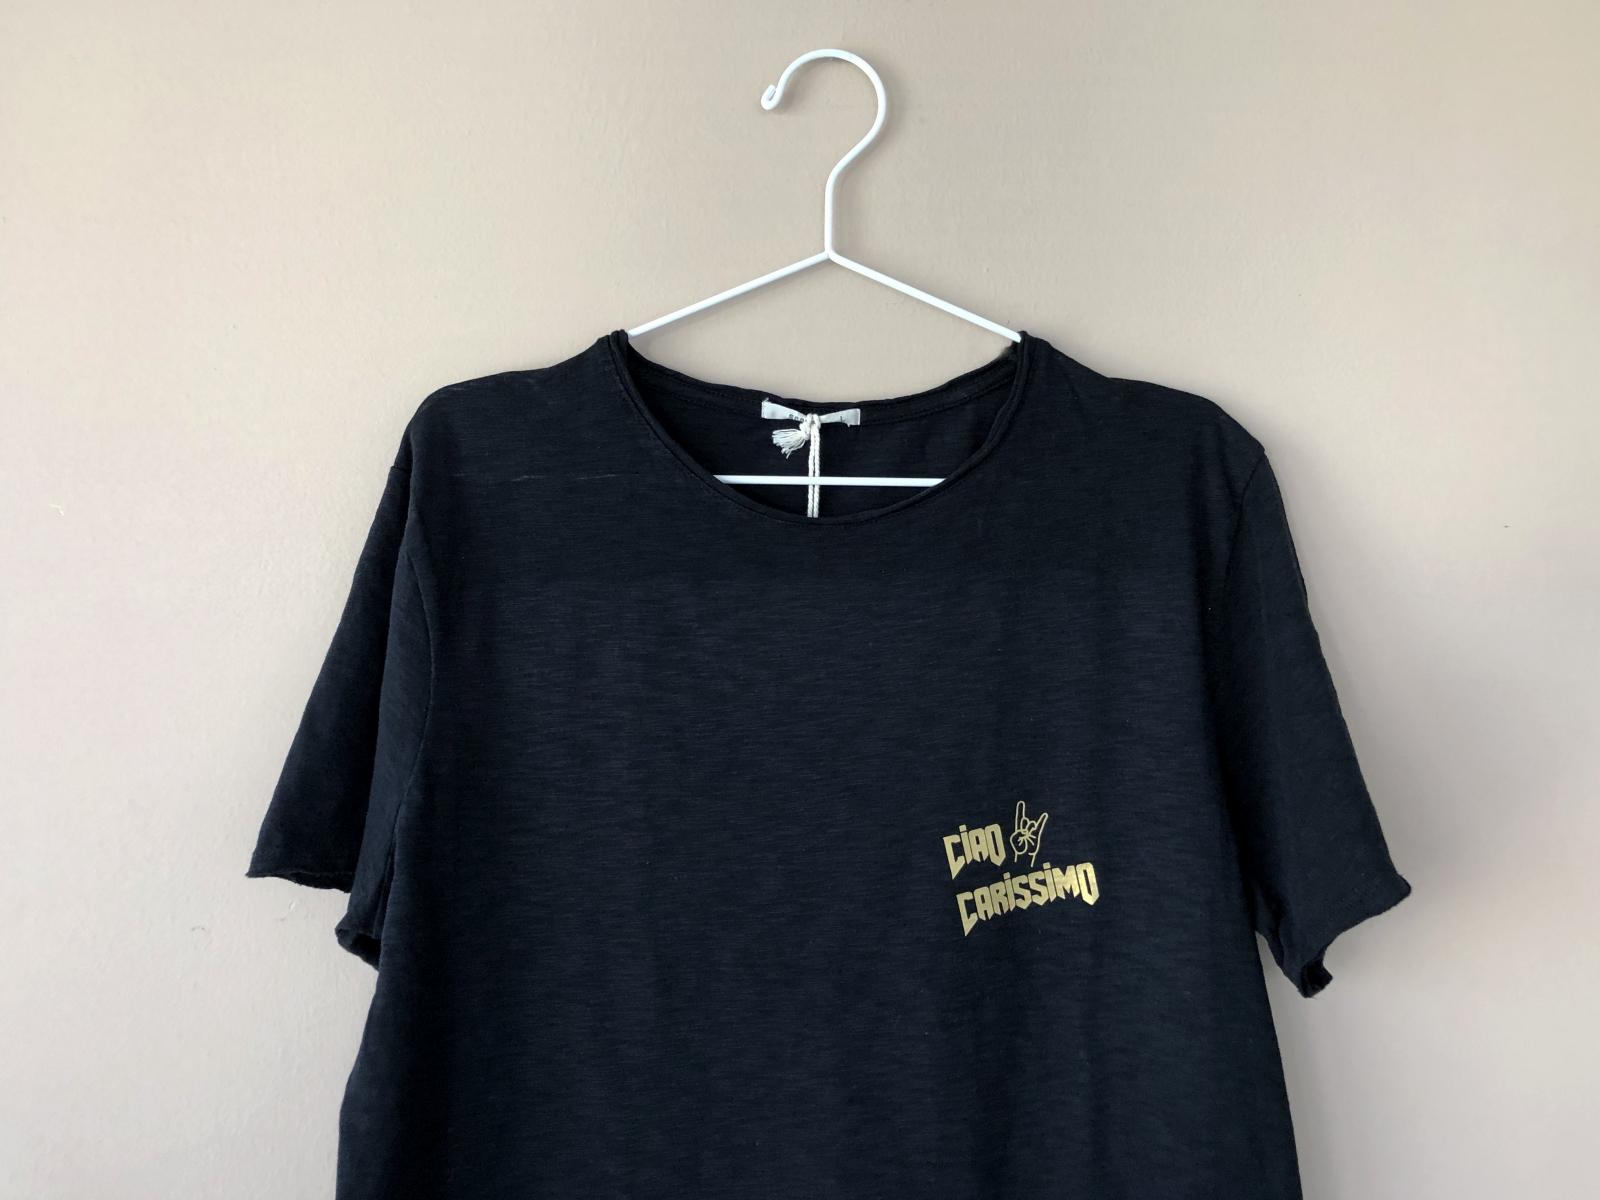 Stampa magliette Venezia Mestre tramite serigrafia o applicazione